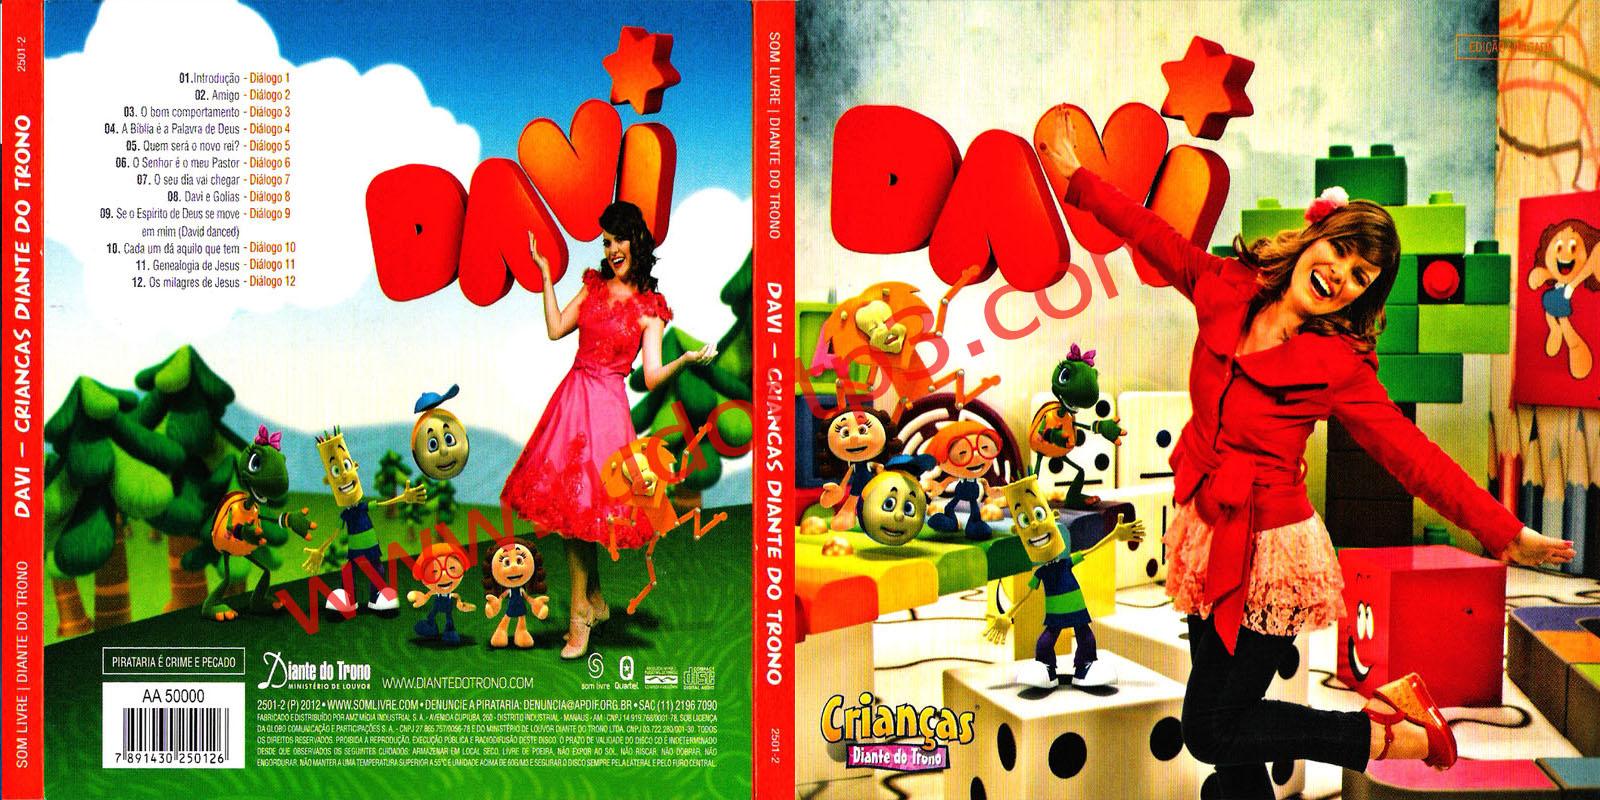 dvd diante do trono davi 2012